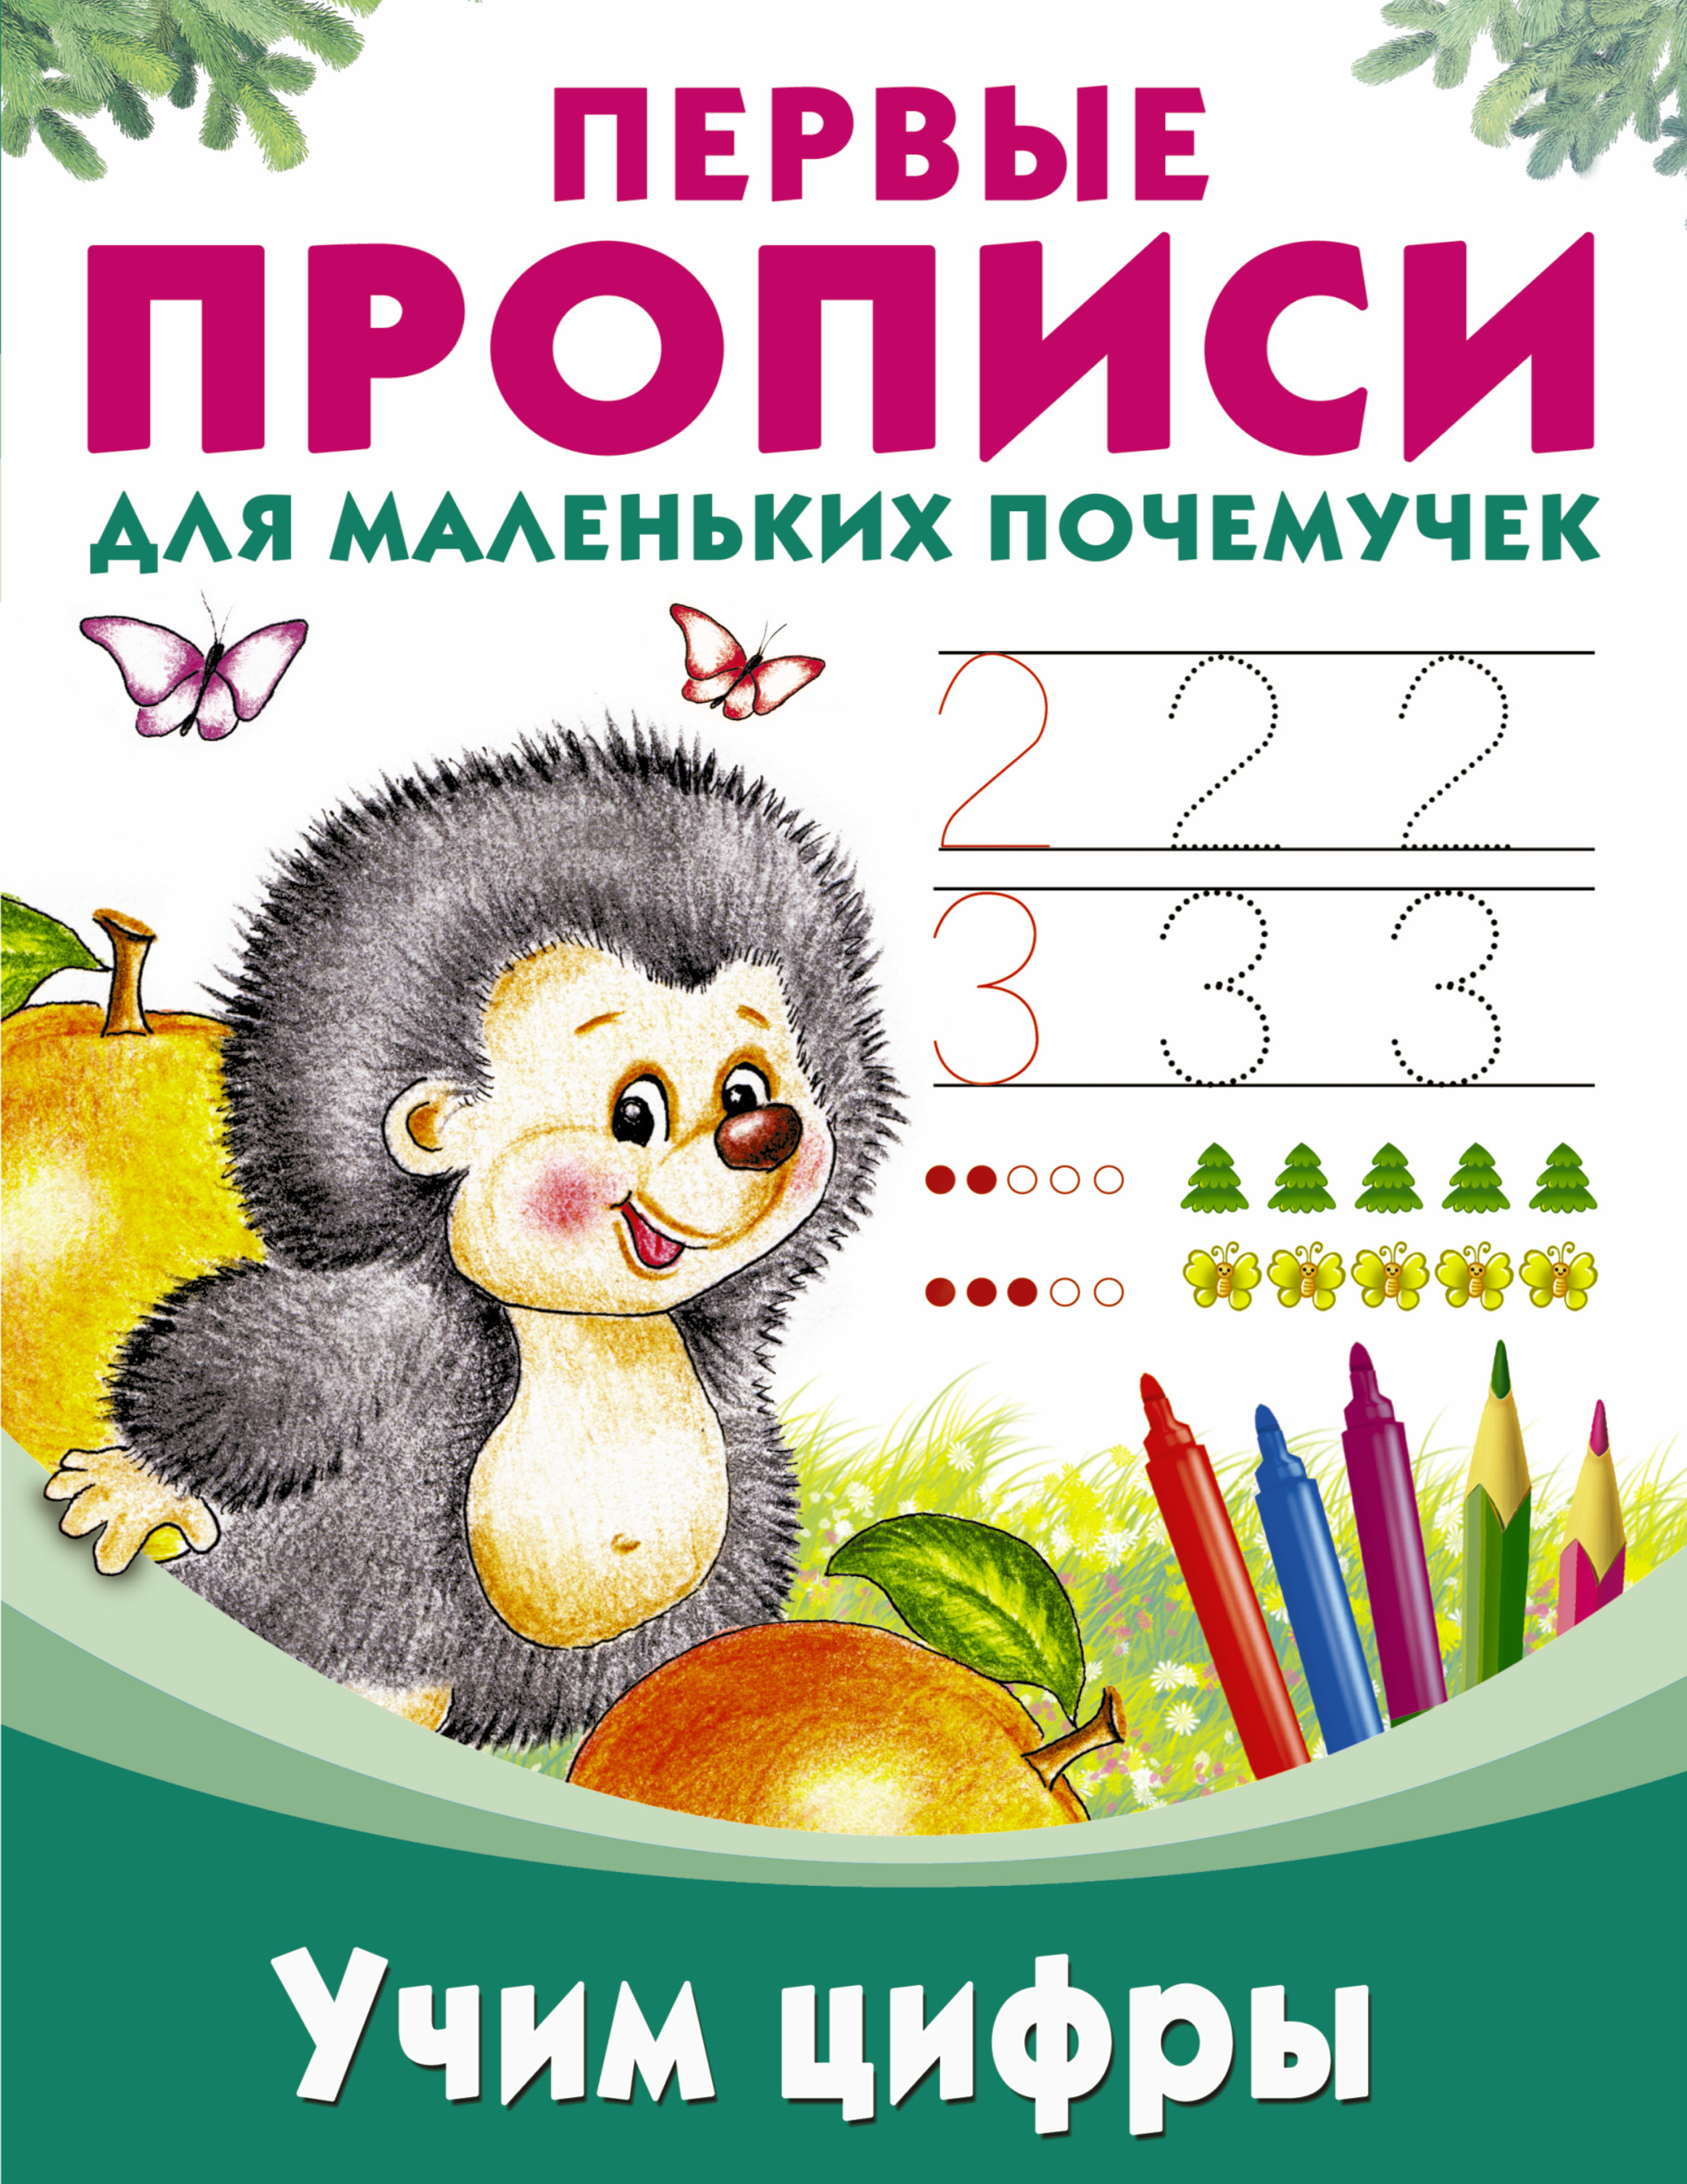 Дмитриева В.Г., Двинина Л.В. Учим цифры двинина л в учим цифры и счёт